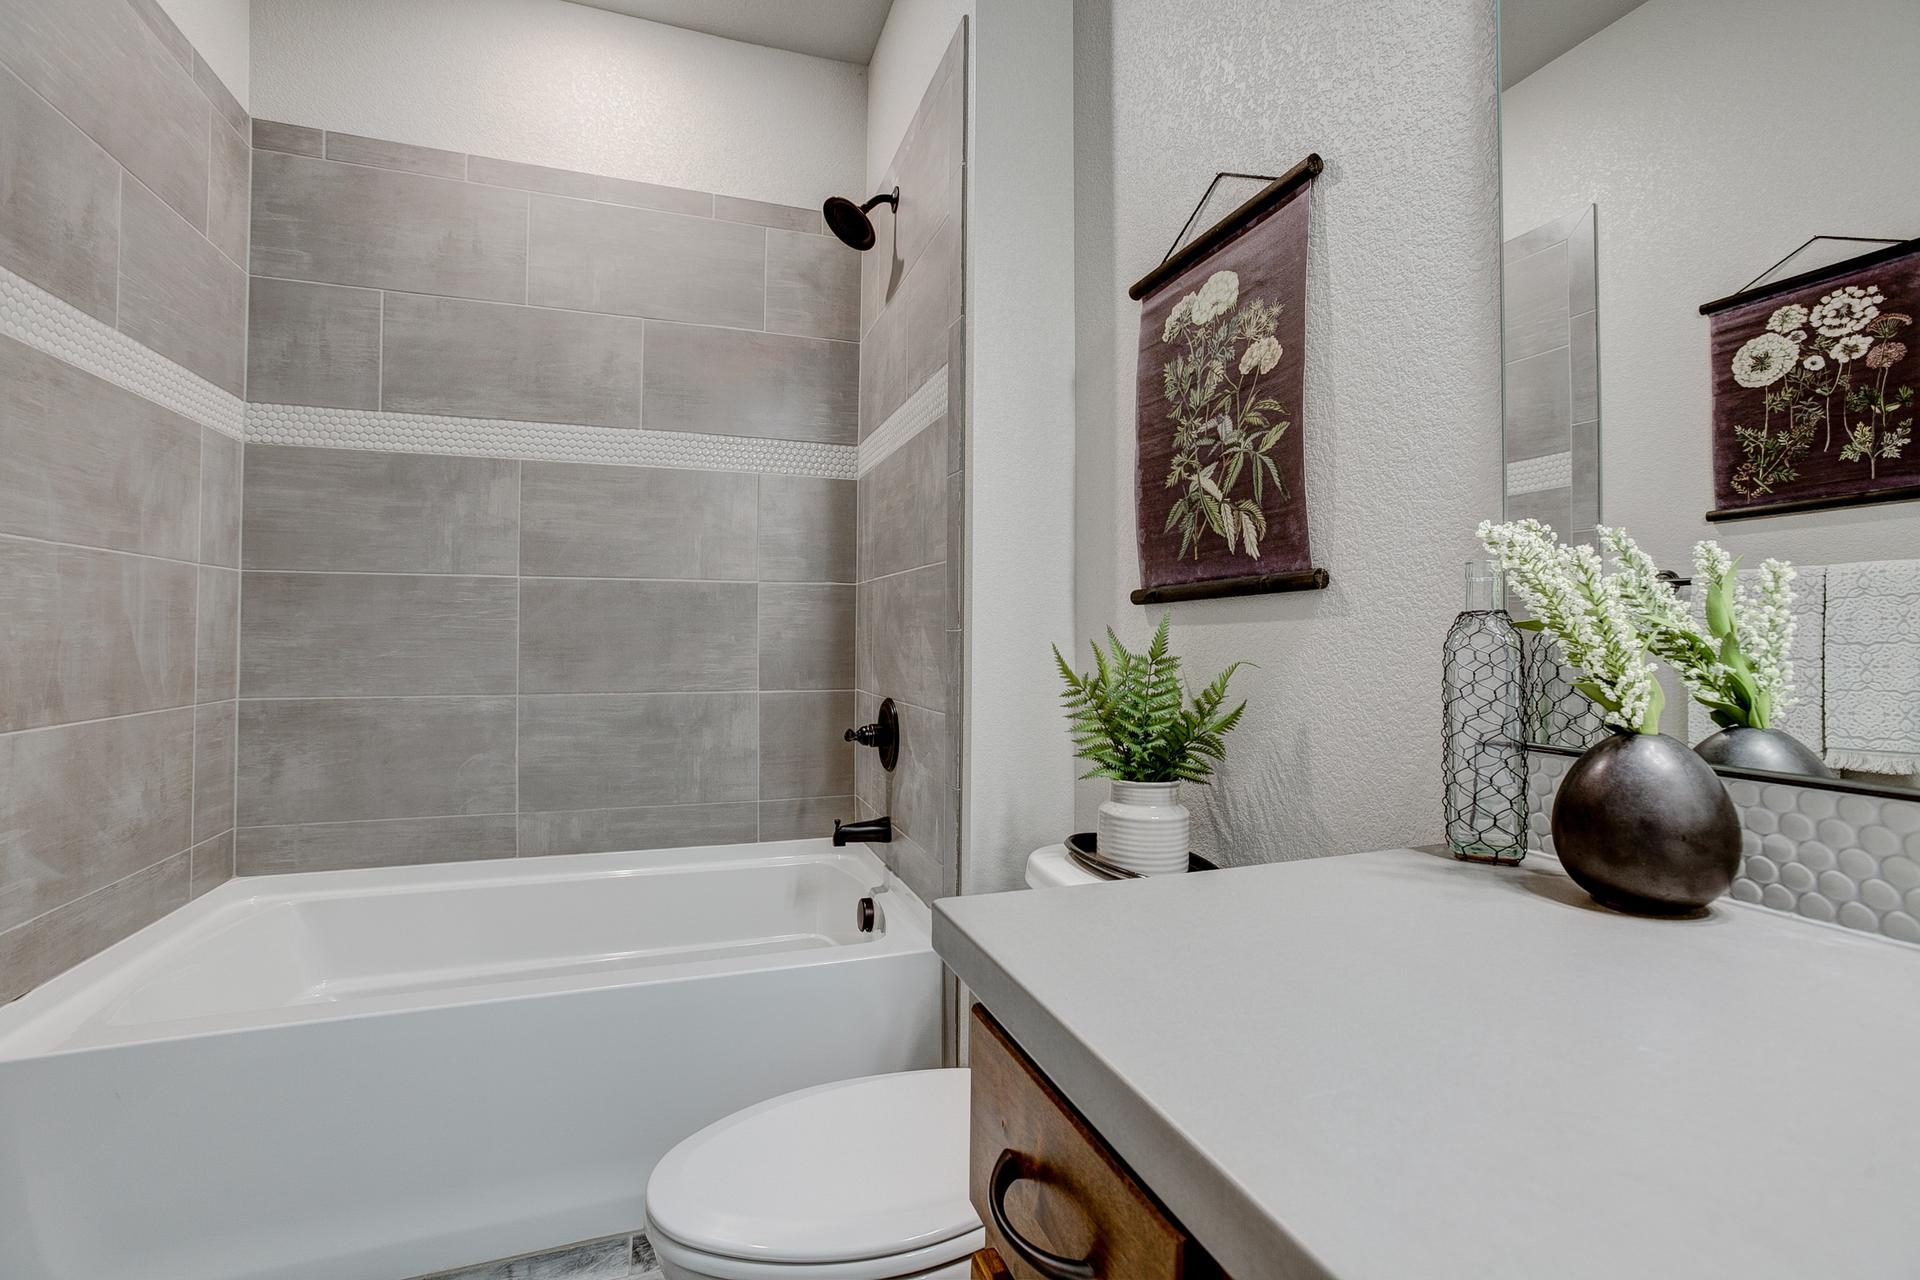 Bath 2 -  Previous Cambridge Floor Plan